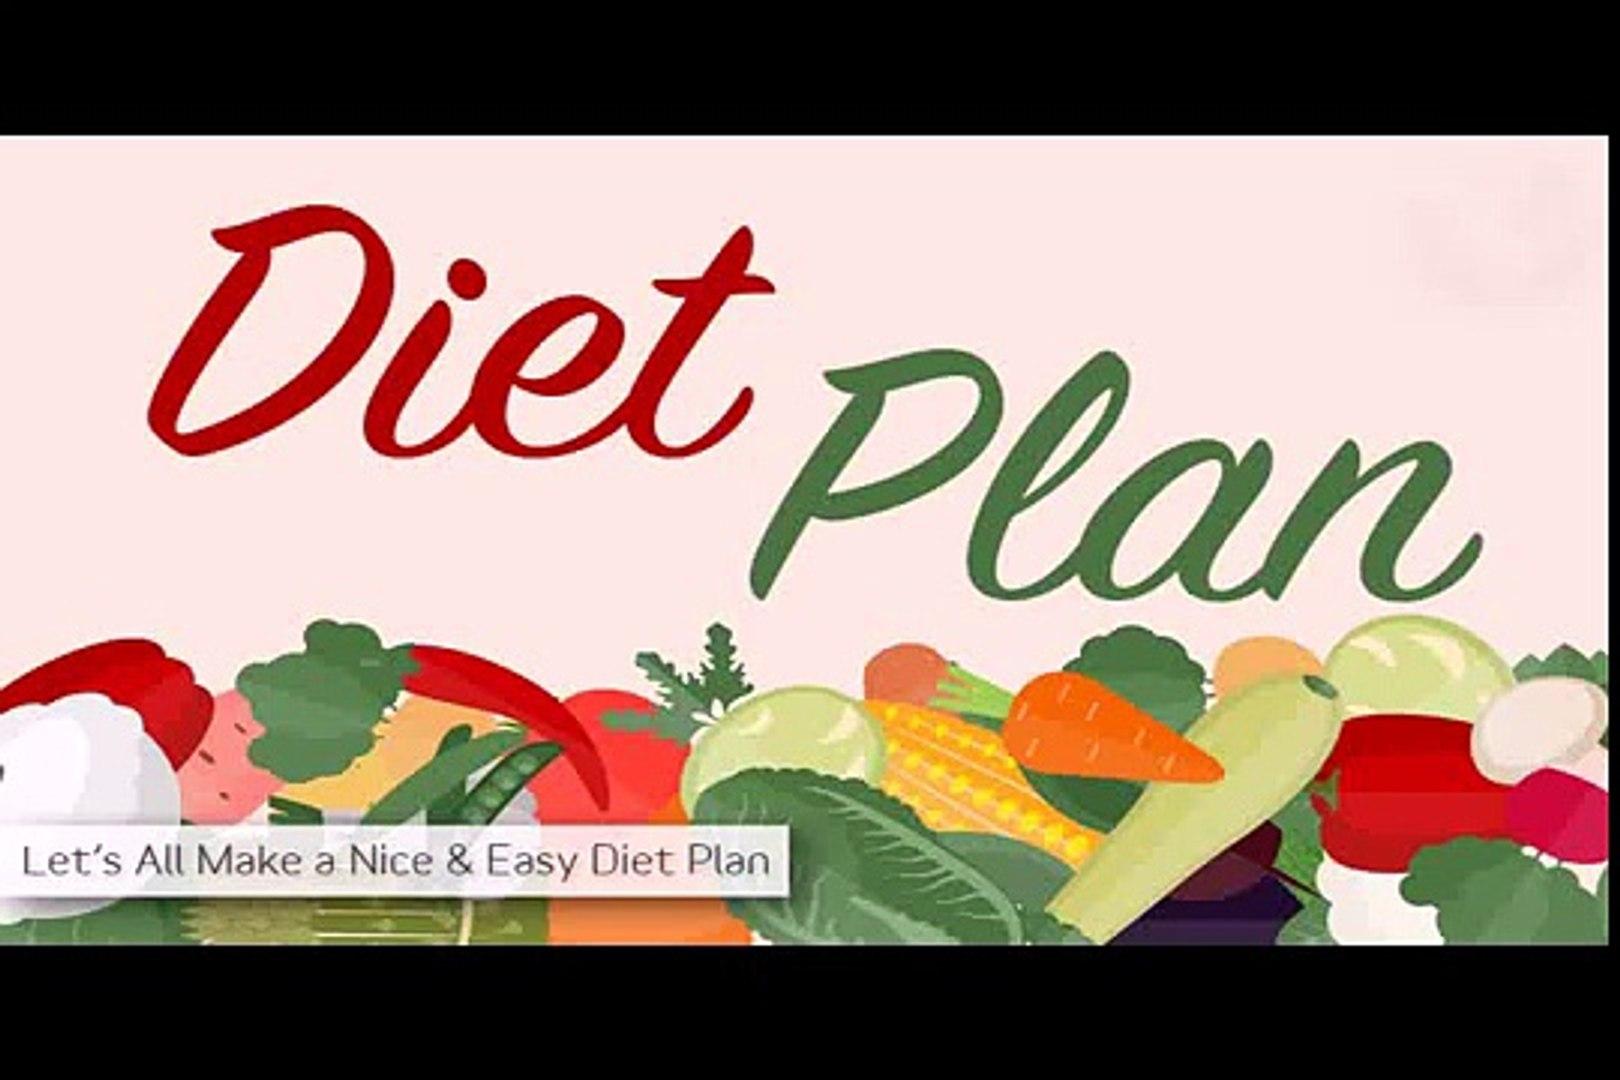 Weight Loss Diet Plan in Urdu - Best Diet Plan For Weight Loss by Weight Loss Strategies